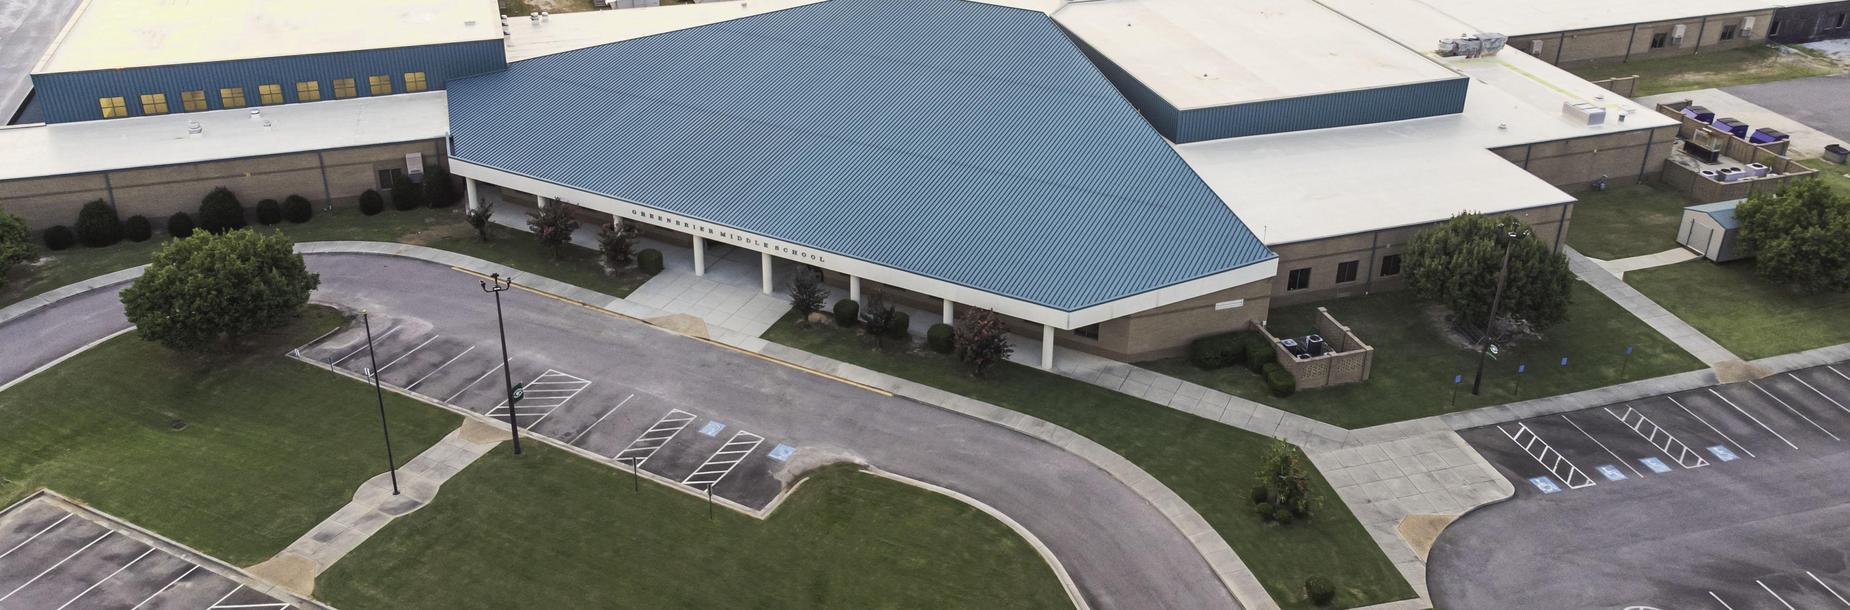 photo of school